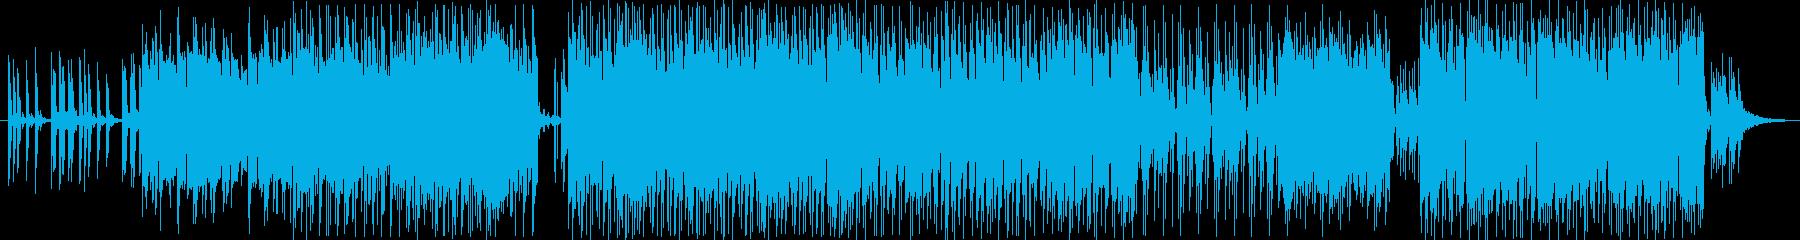 エレクトロ 繰り返しの 楽しげ ハ...の再生済みの波形